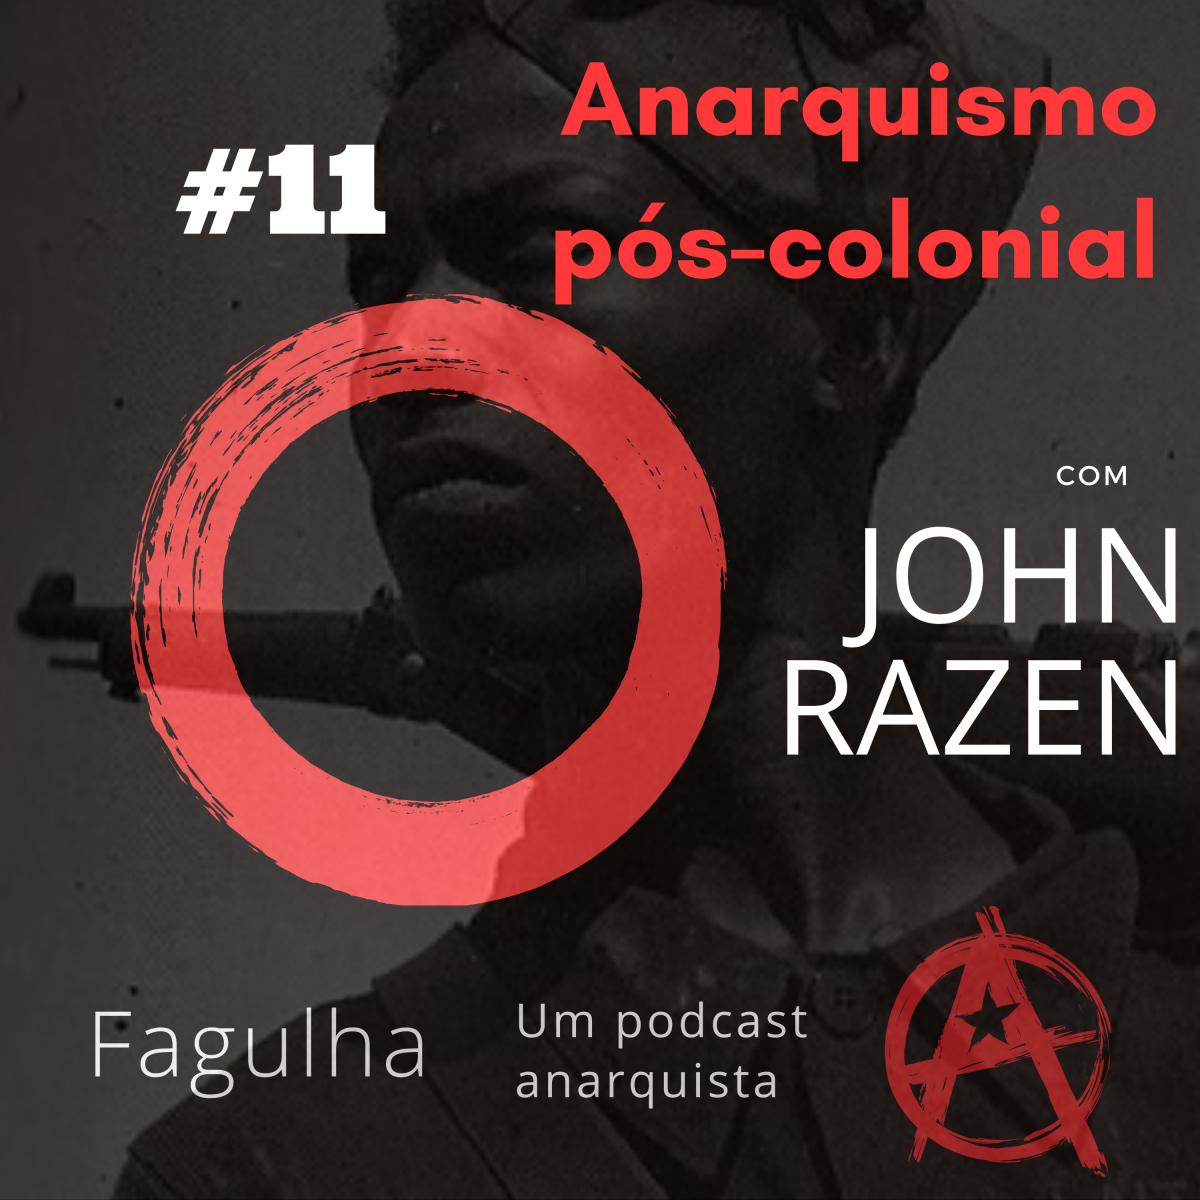 #11: Anarquismo pós-colonial, com John Razen